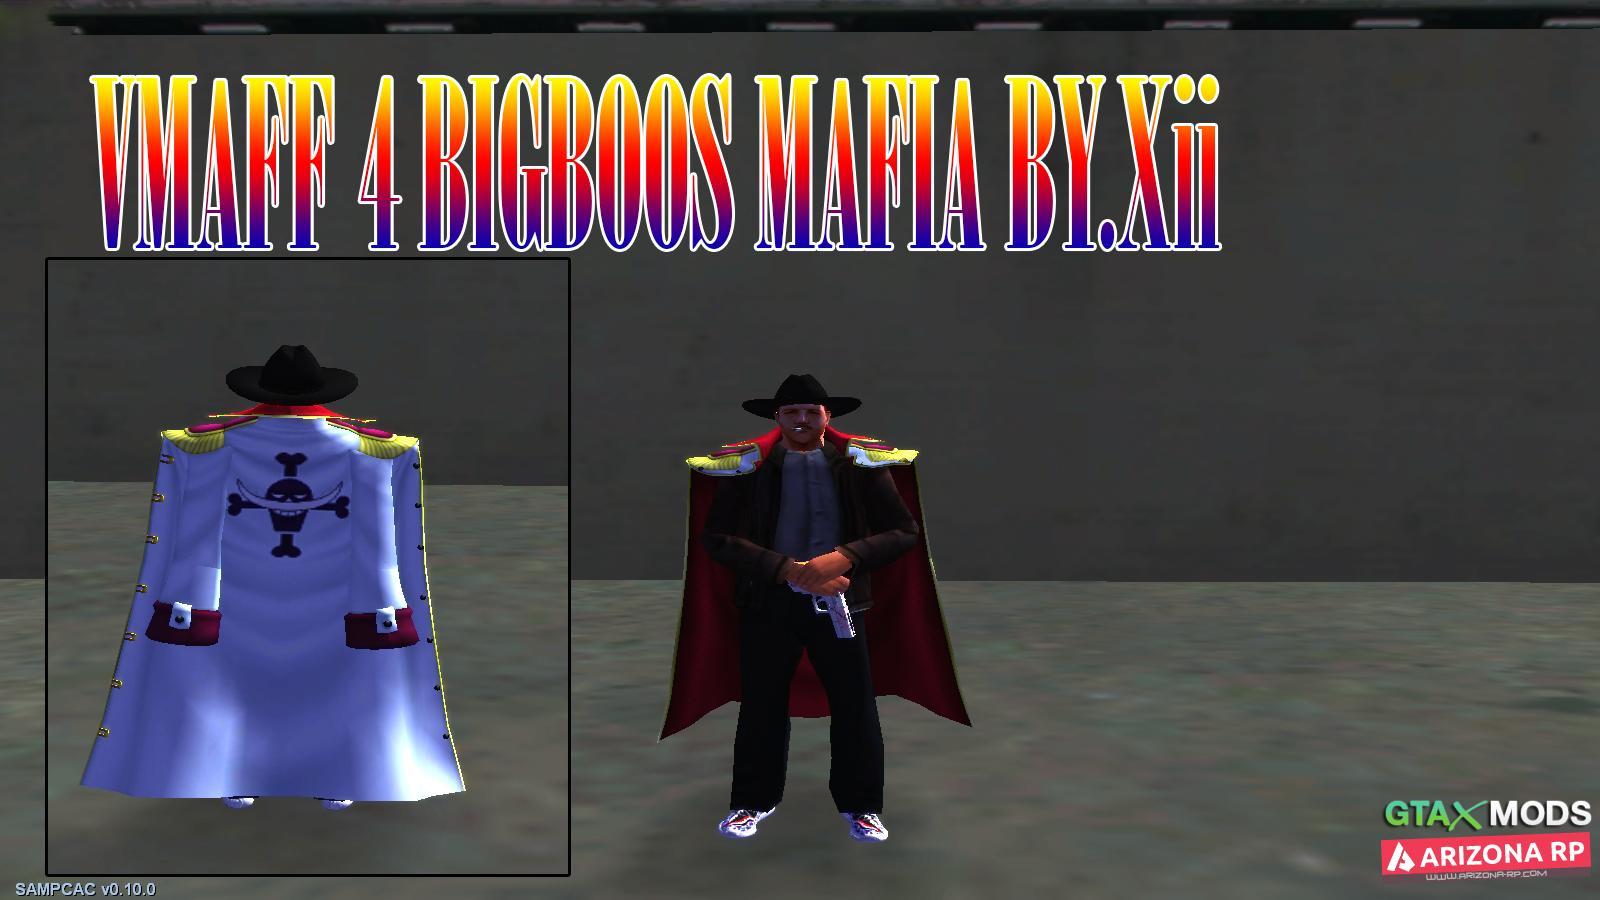 vmaff4 l Bigboss mafia by.Xii